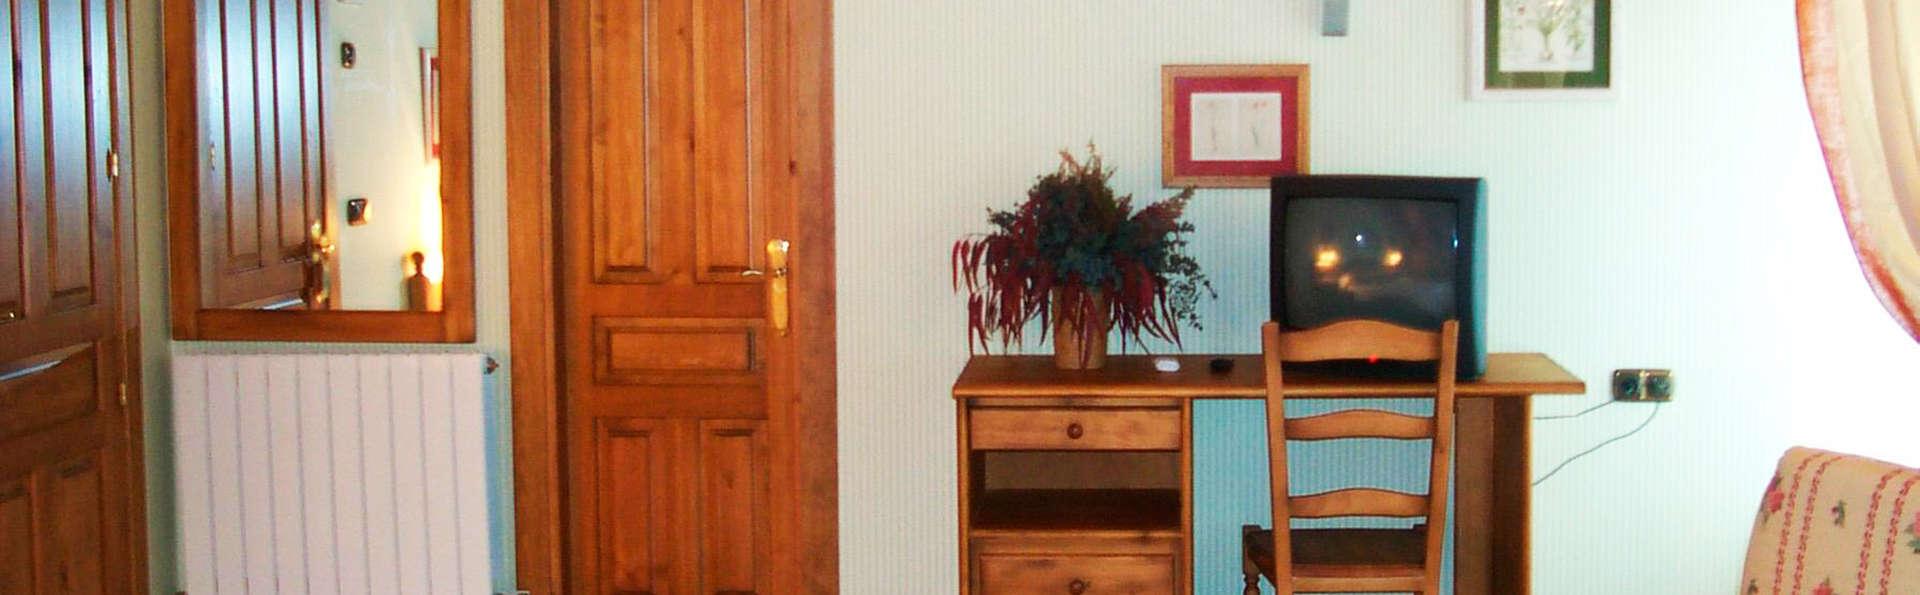 Hotel Palazio - EDIT_room5.jpg